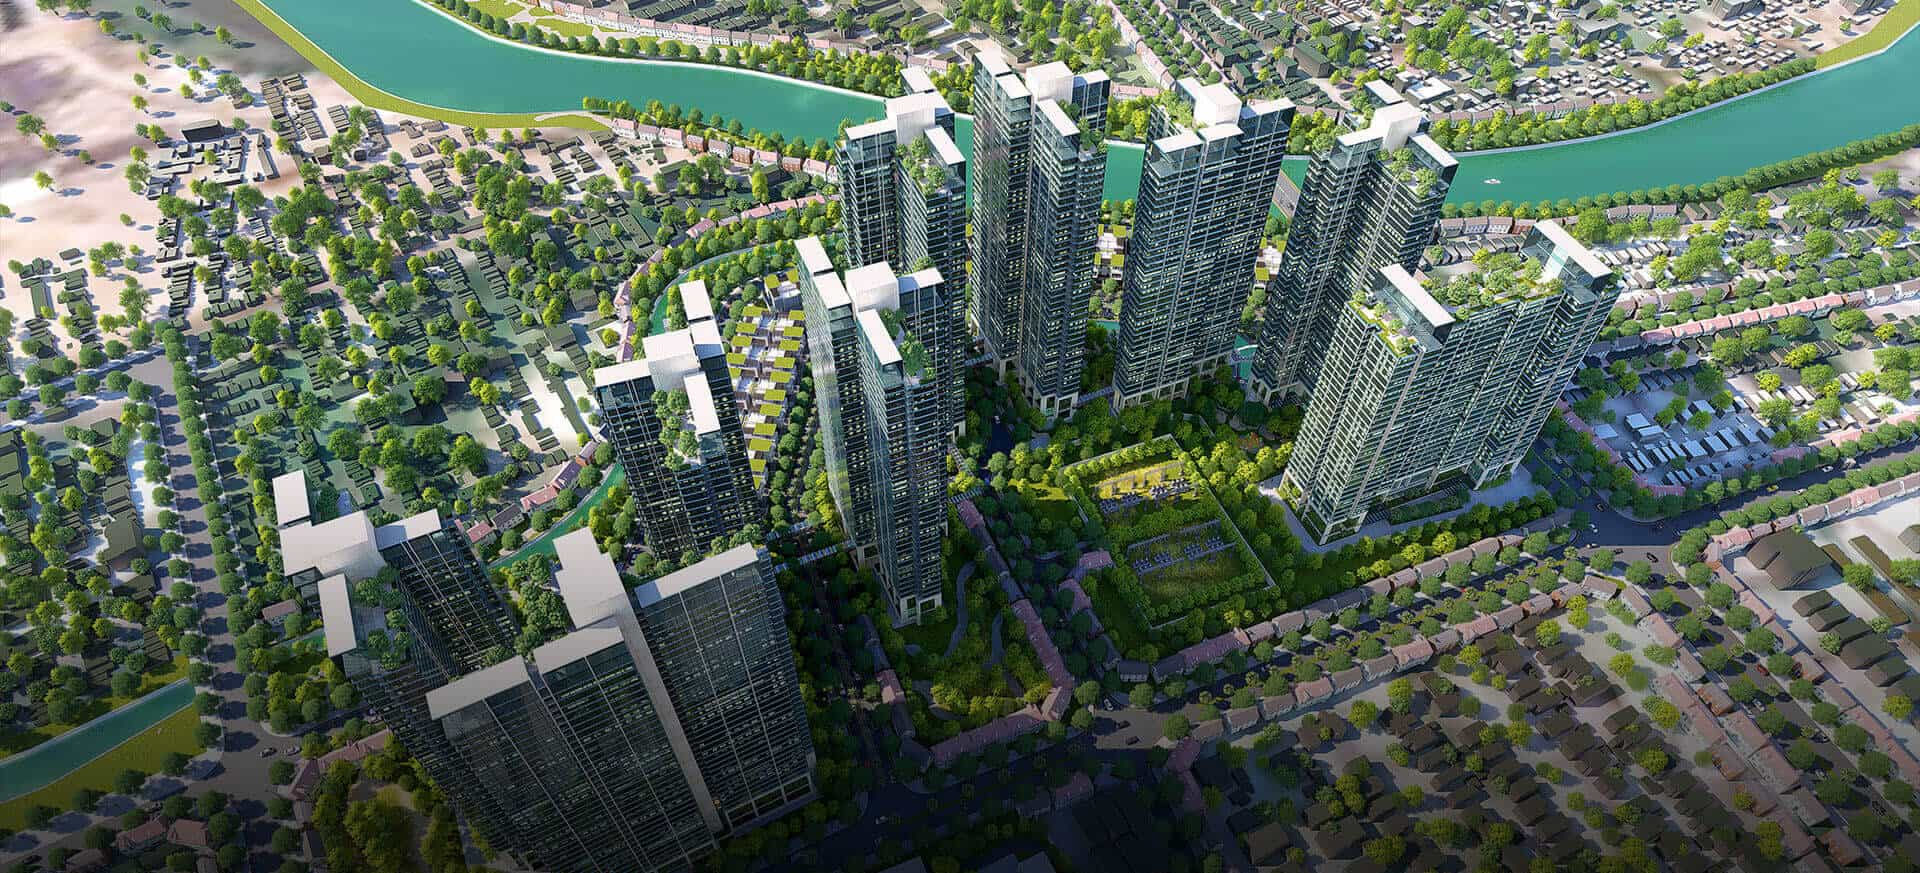 Sunshine City Sài Gòn – Căn hộ công nghệ 4.0 đầu tiên tại Tp.HCM